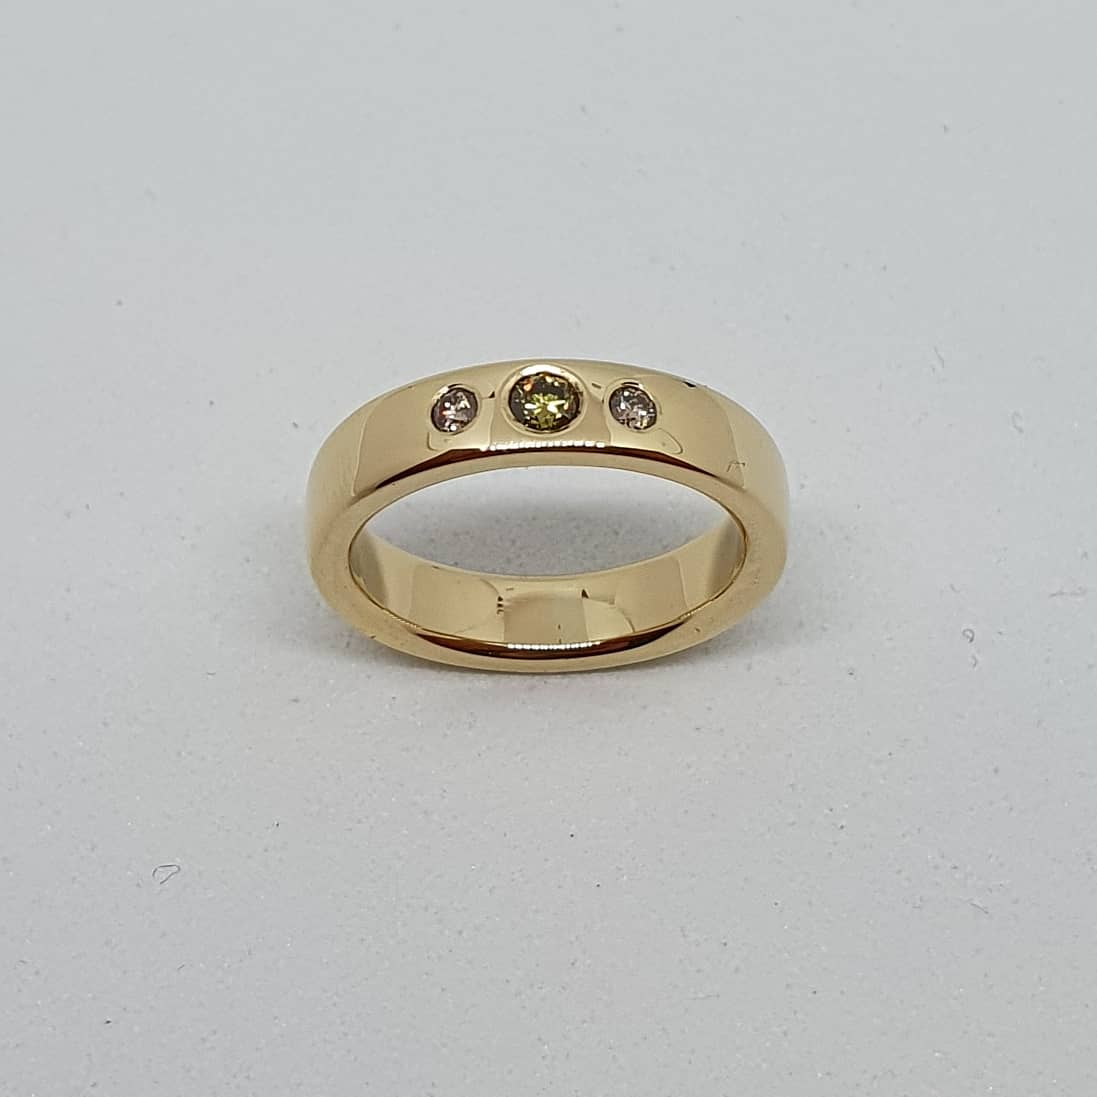 verlovingsring 14kt geelgoud en diamanten